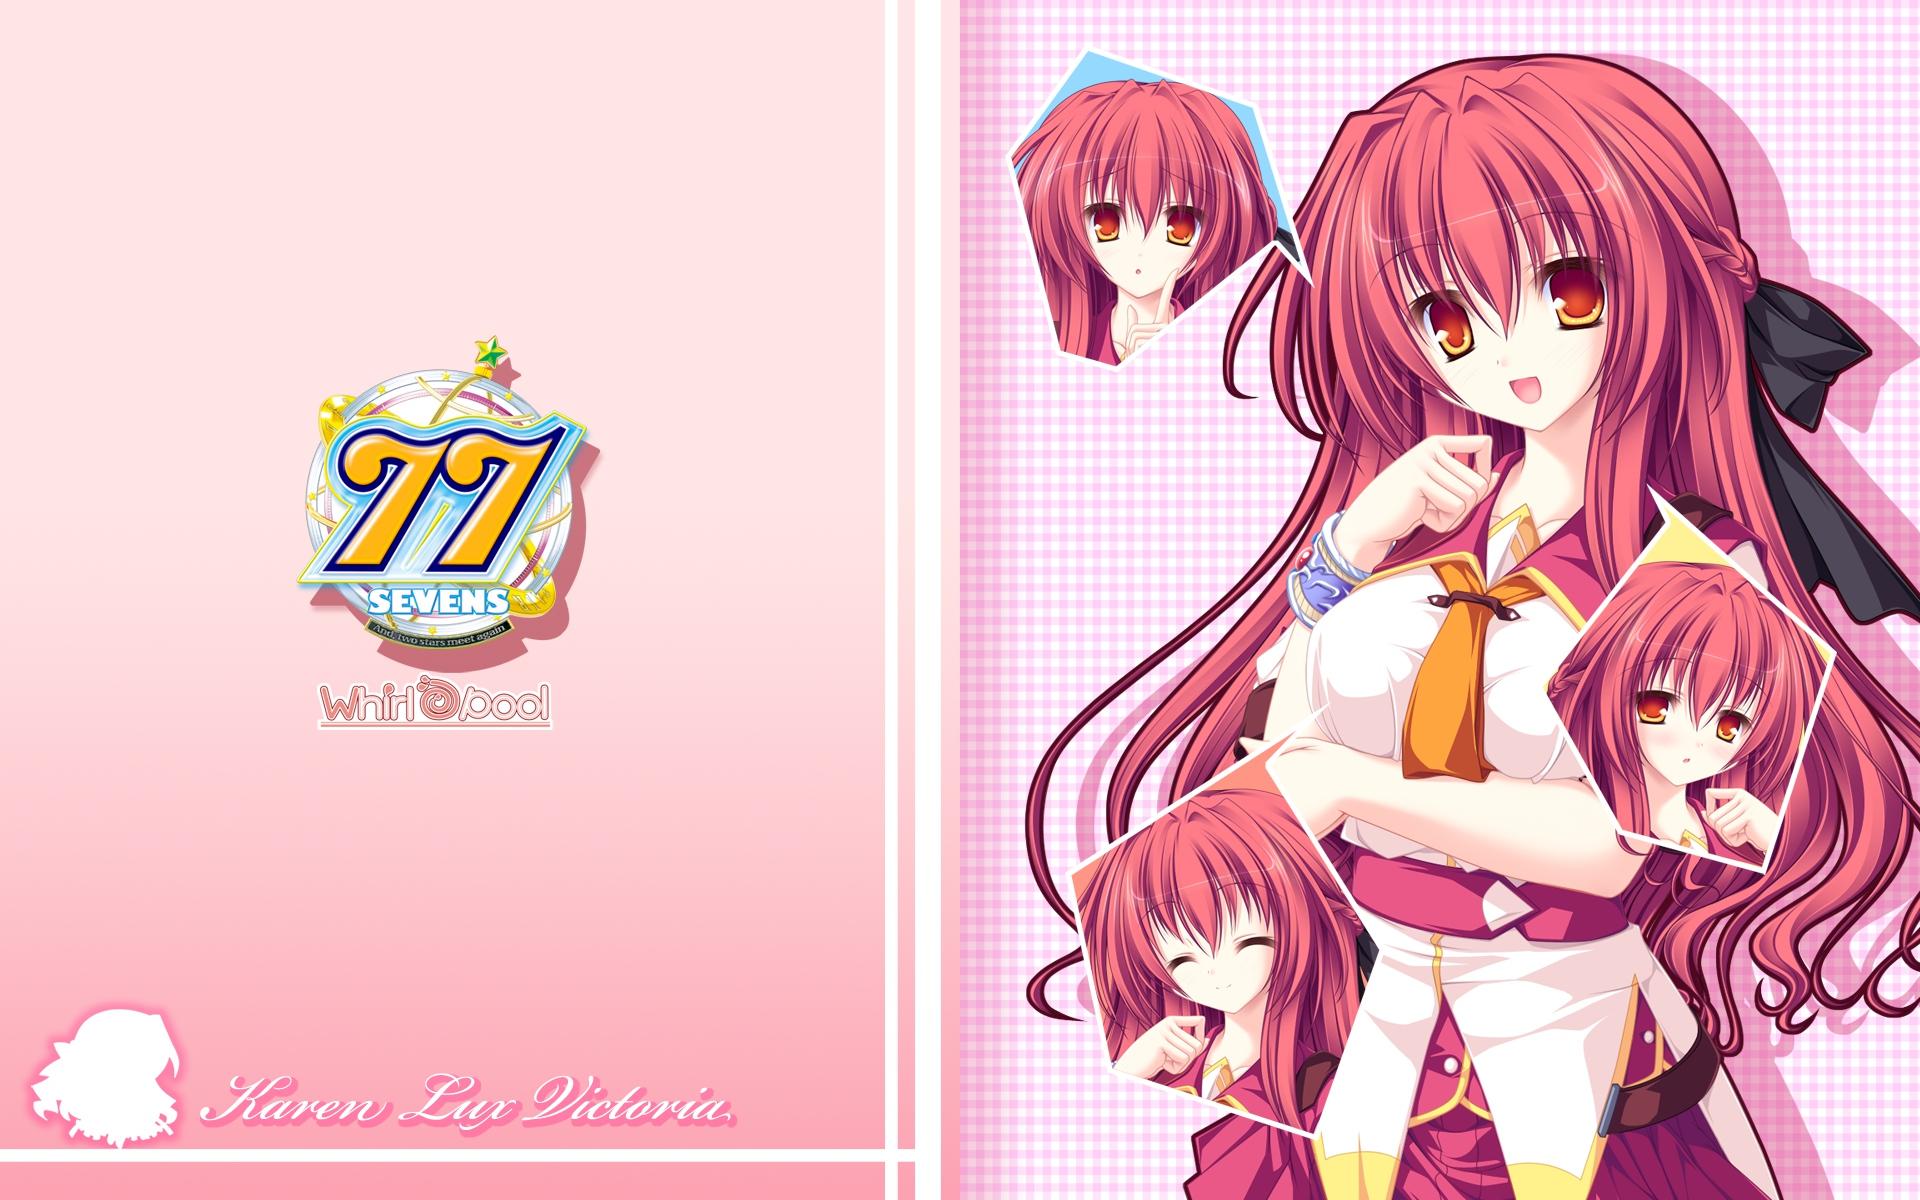 Sevens And Two Stars Meet Again Karen Lux Victoria Anime Series Anime Girls Redhead Long Hair Bangs  1920x1200